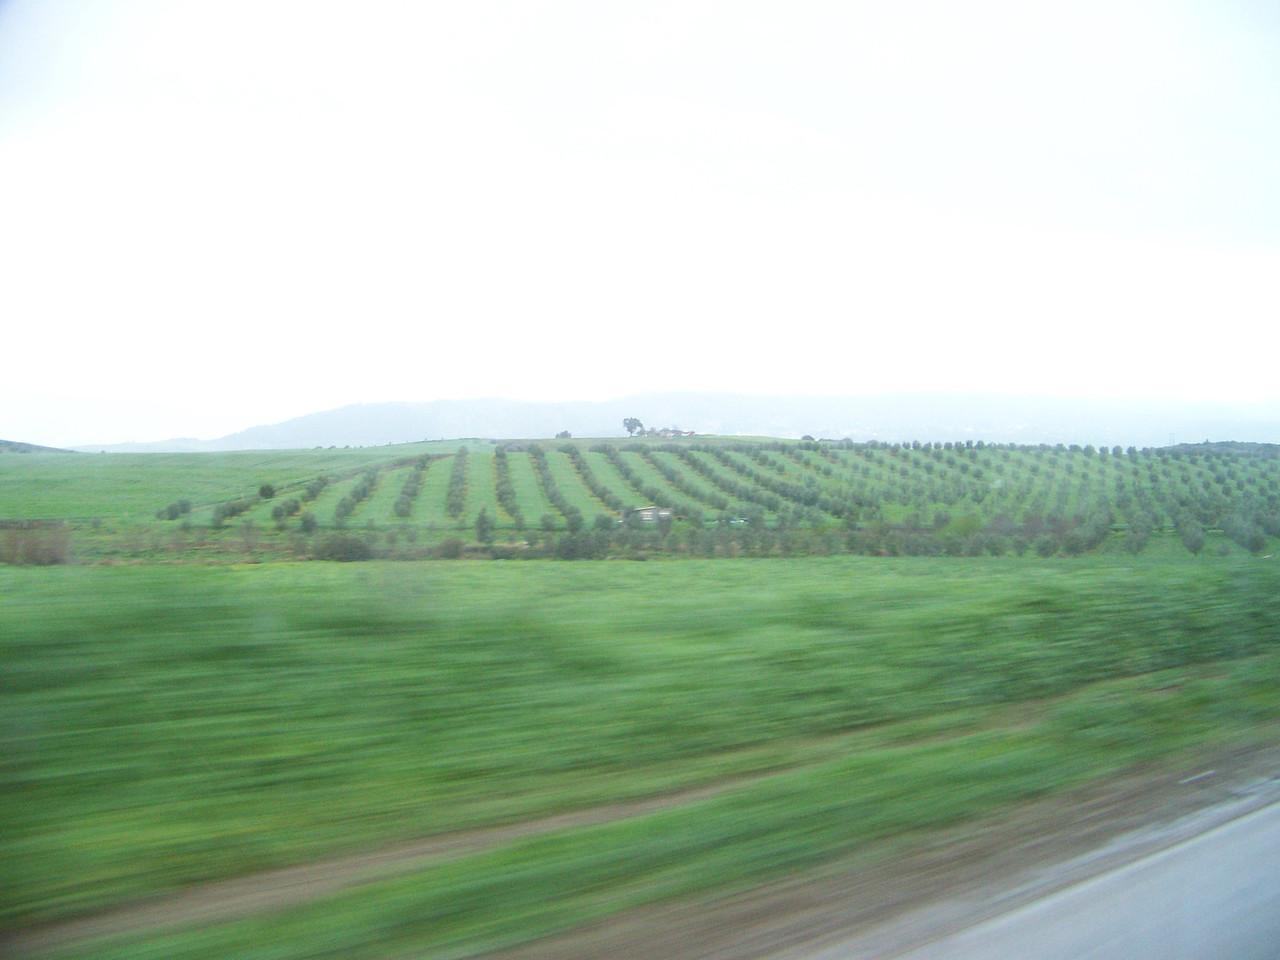 0045 - Countryside on Hwy N13 Between Meknes and Volubilis - Morocco.JPG